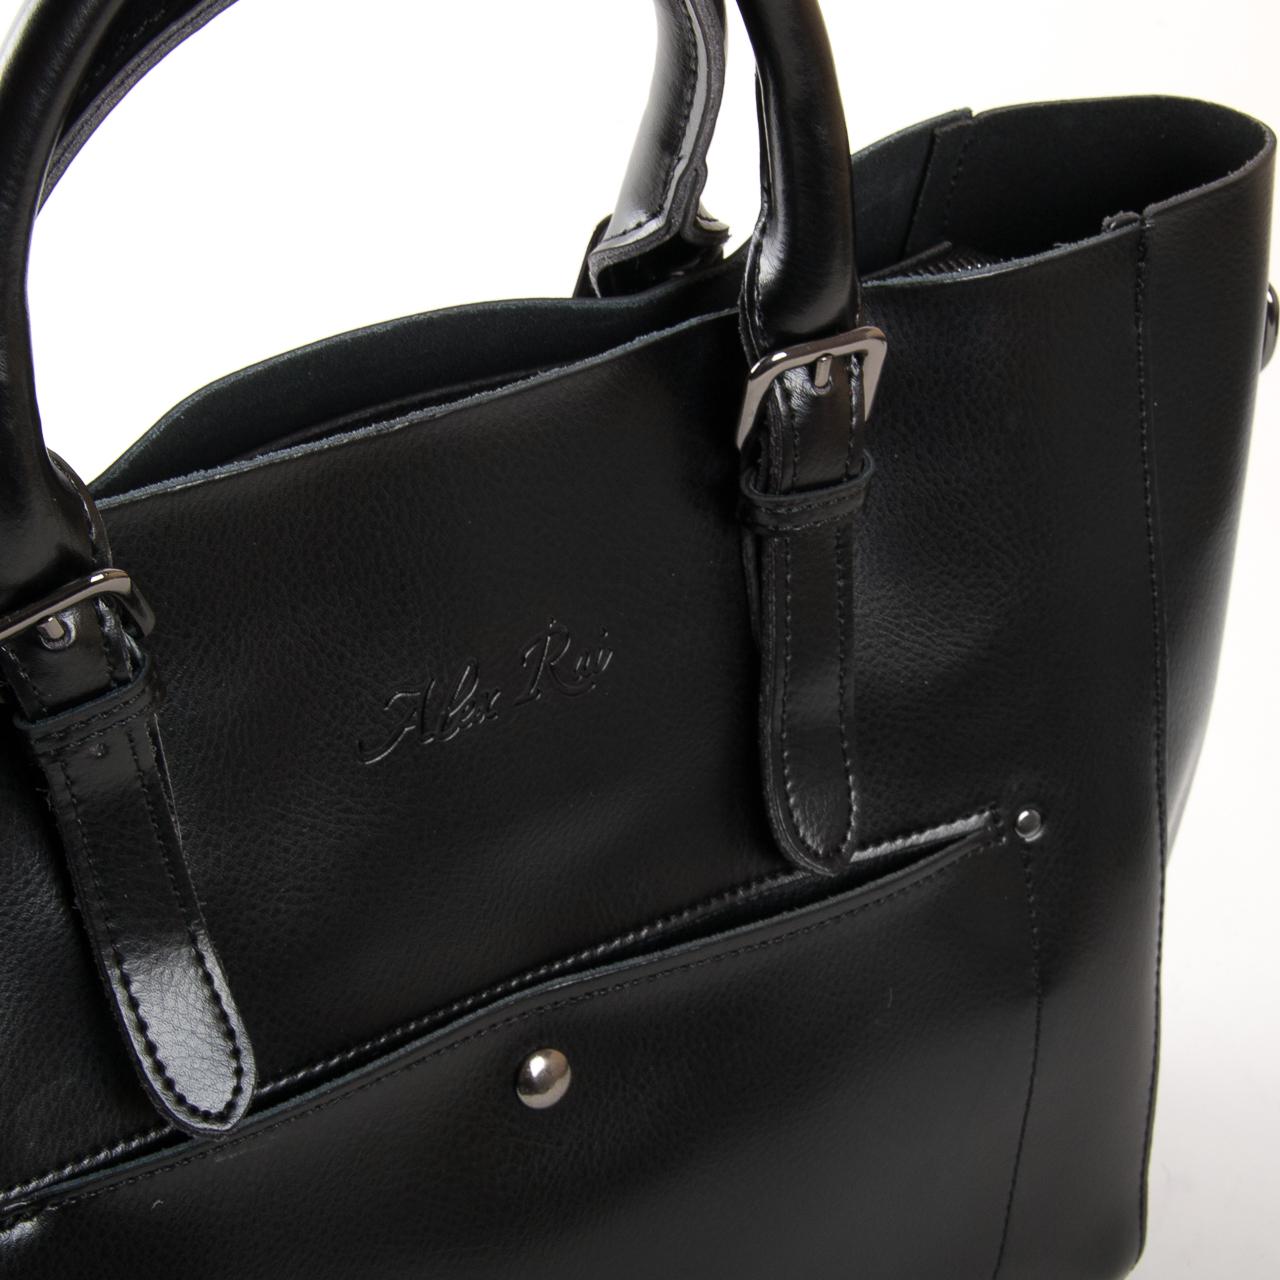 Сумка Женская Классическая кожа ALEX RAI 9-02 8223 black